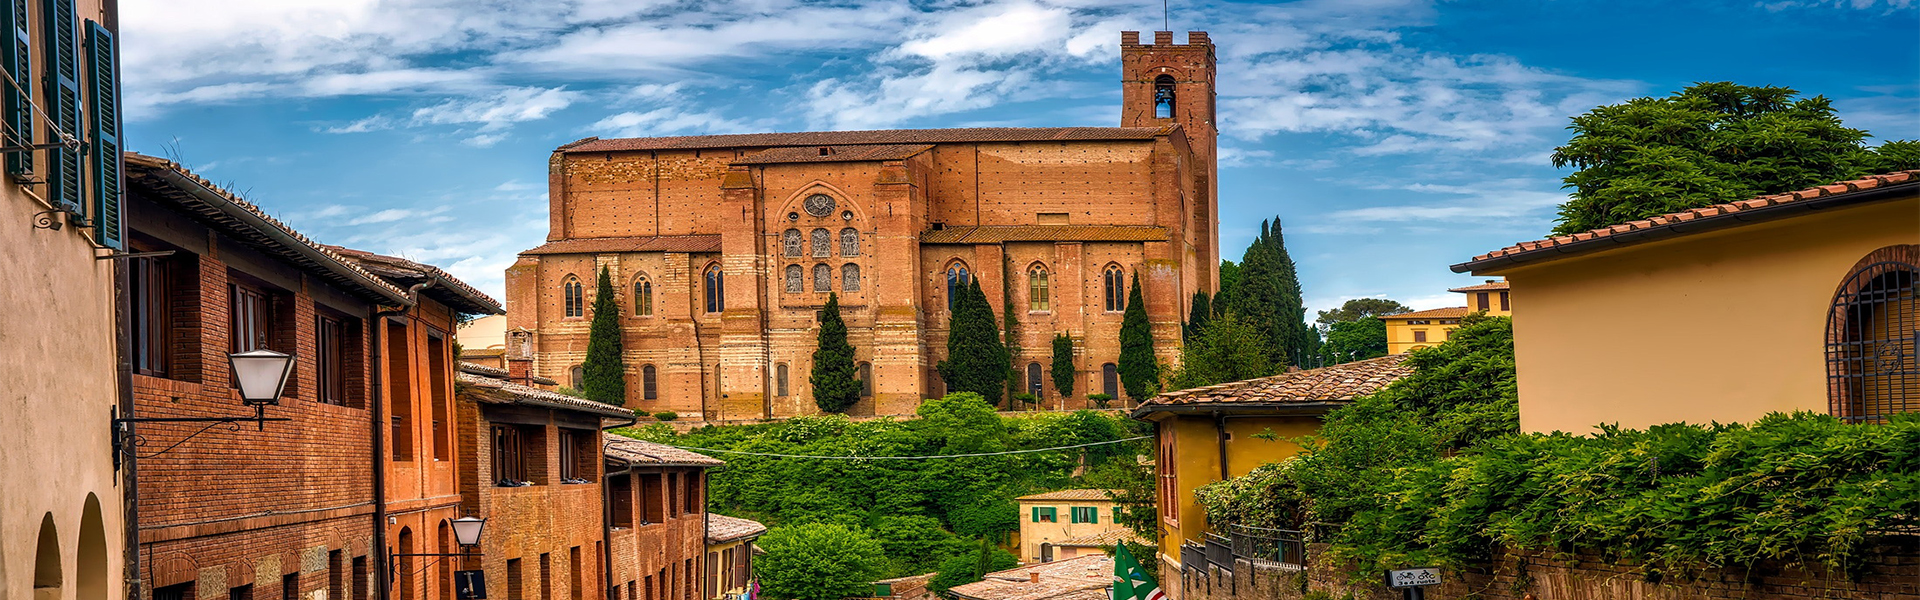 Опознайте Тоскана – Флоренция, Пиза, Сиена, Сан Джиминяно и Болоня